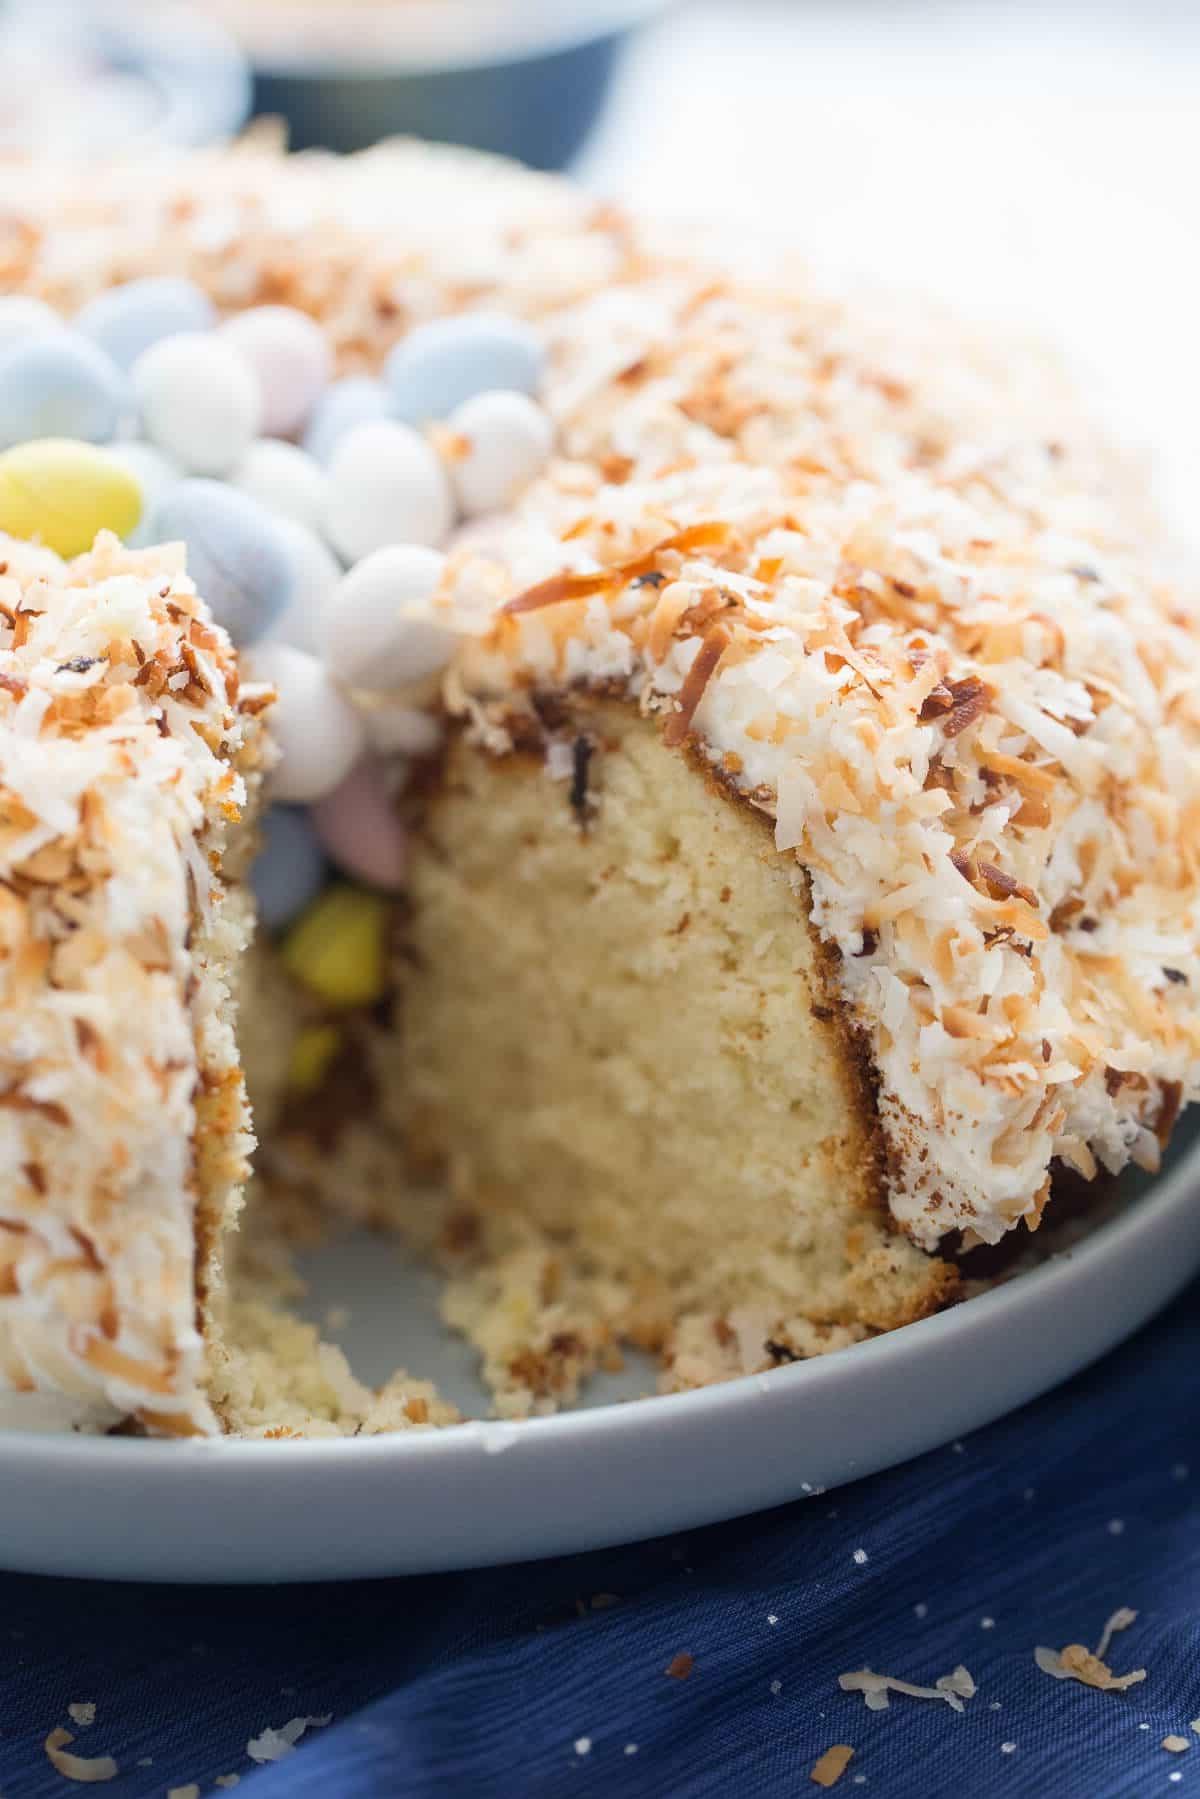 Gâteau en forme de nid.